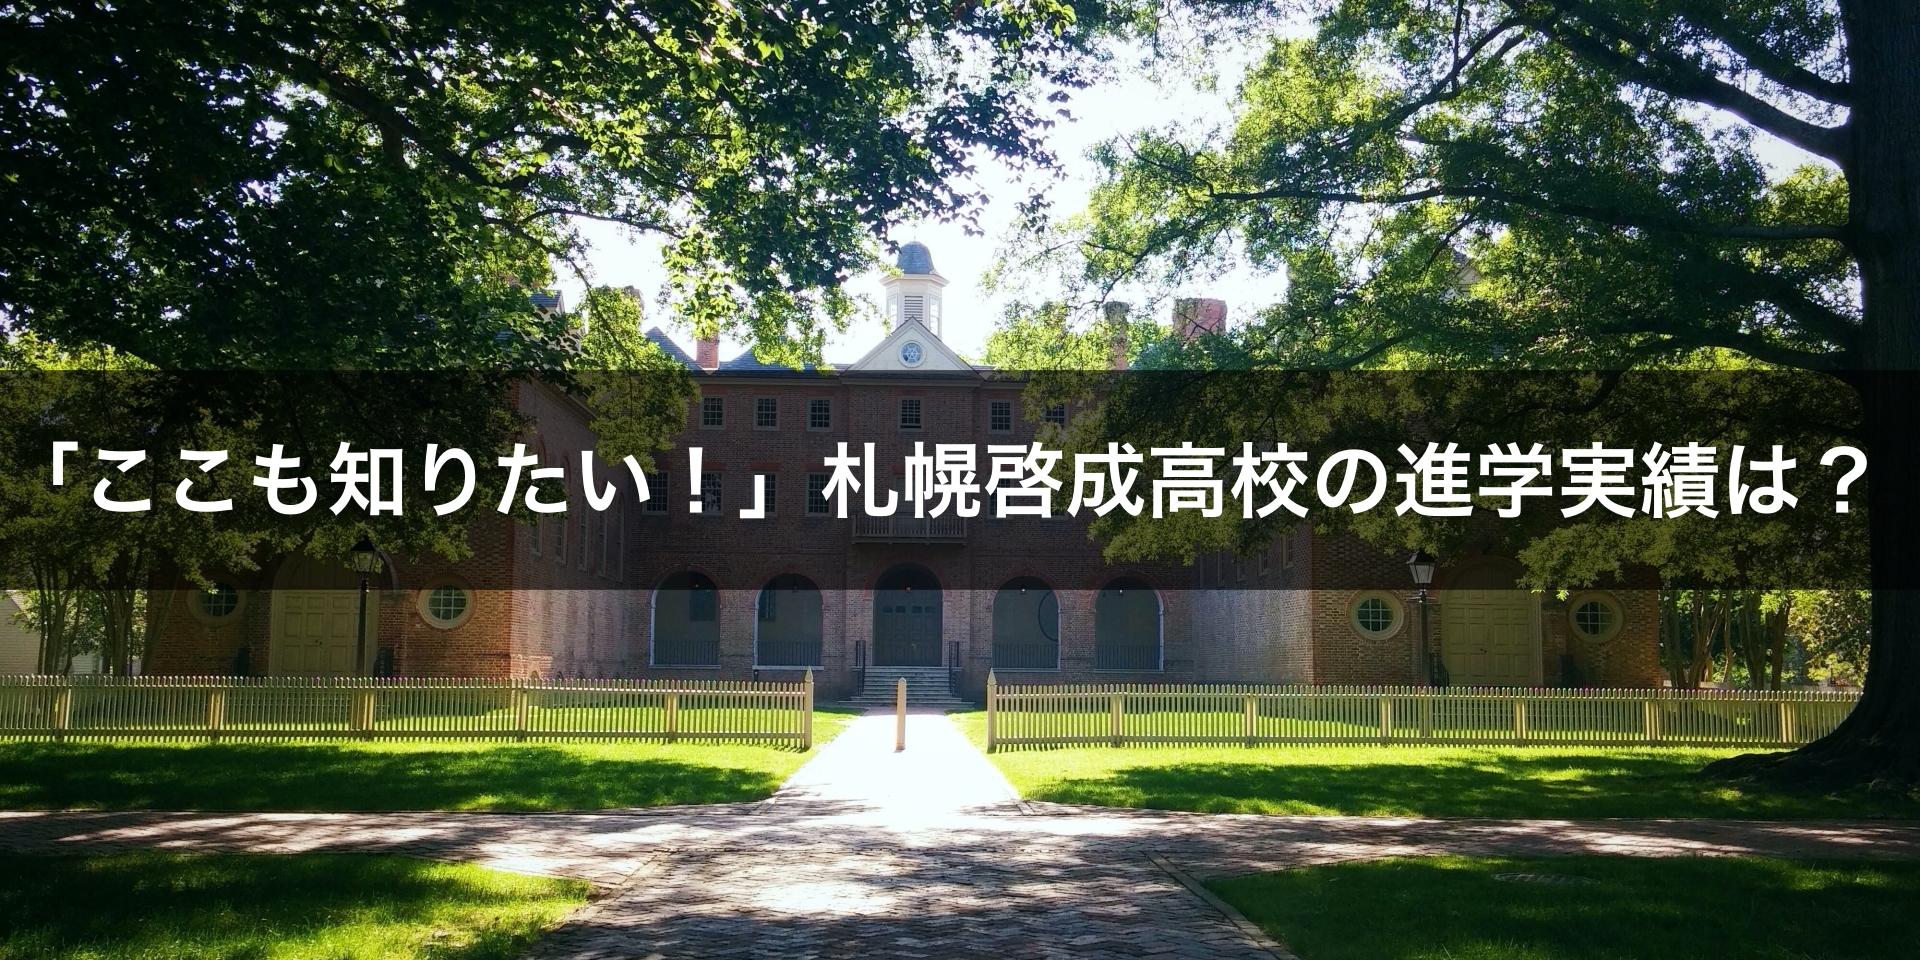 「ここも知りたい!」札幌啓成高校の進学実績は?